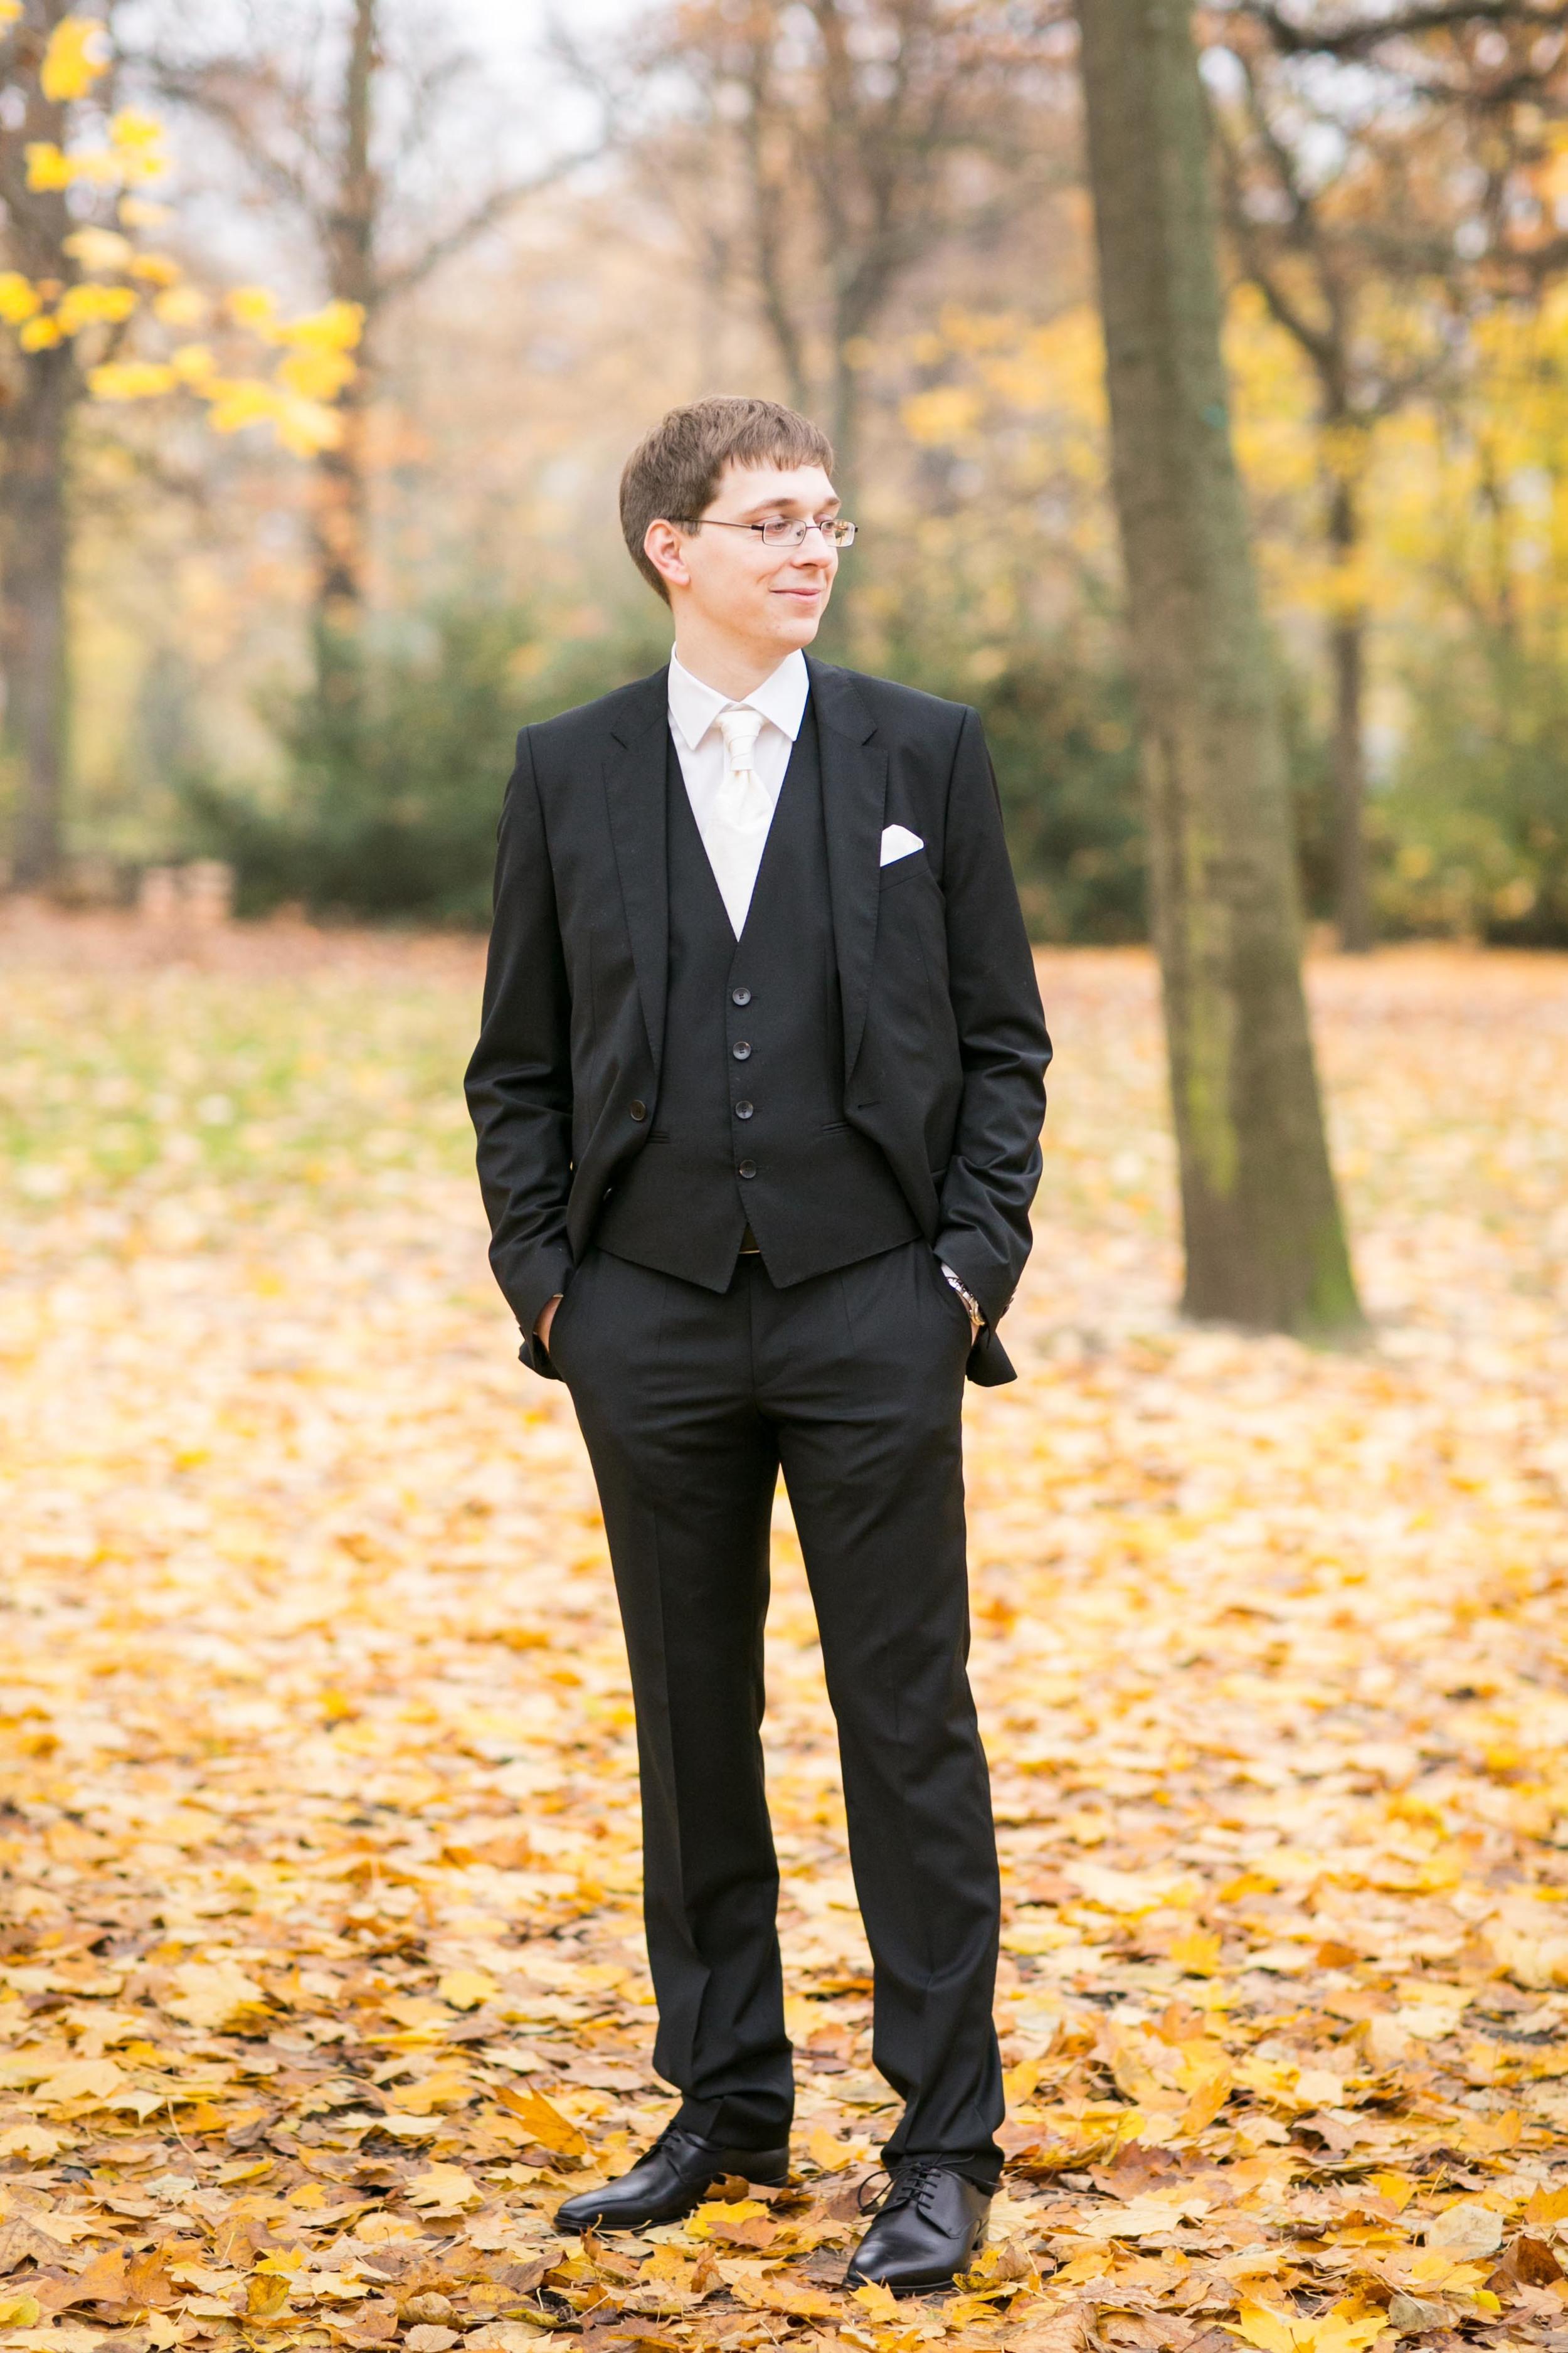 Fran Burrows Hochzeitsfotografie Berlin_Lichtenberg Standesamt-62.jpg